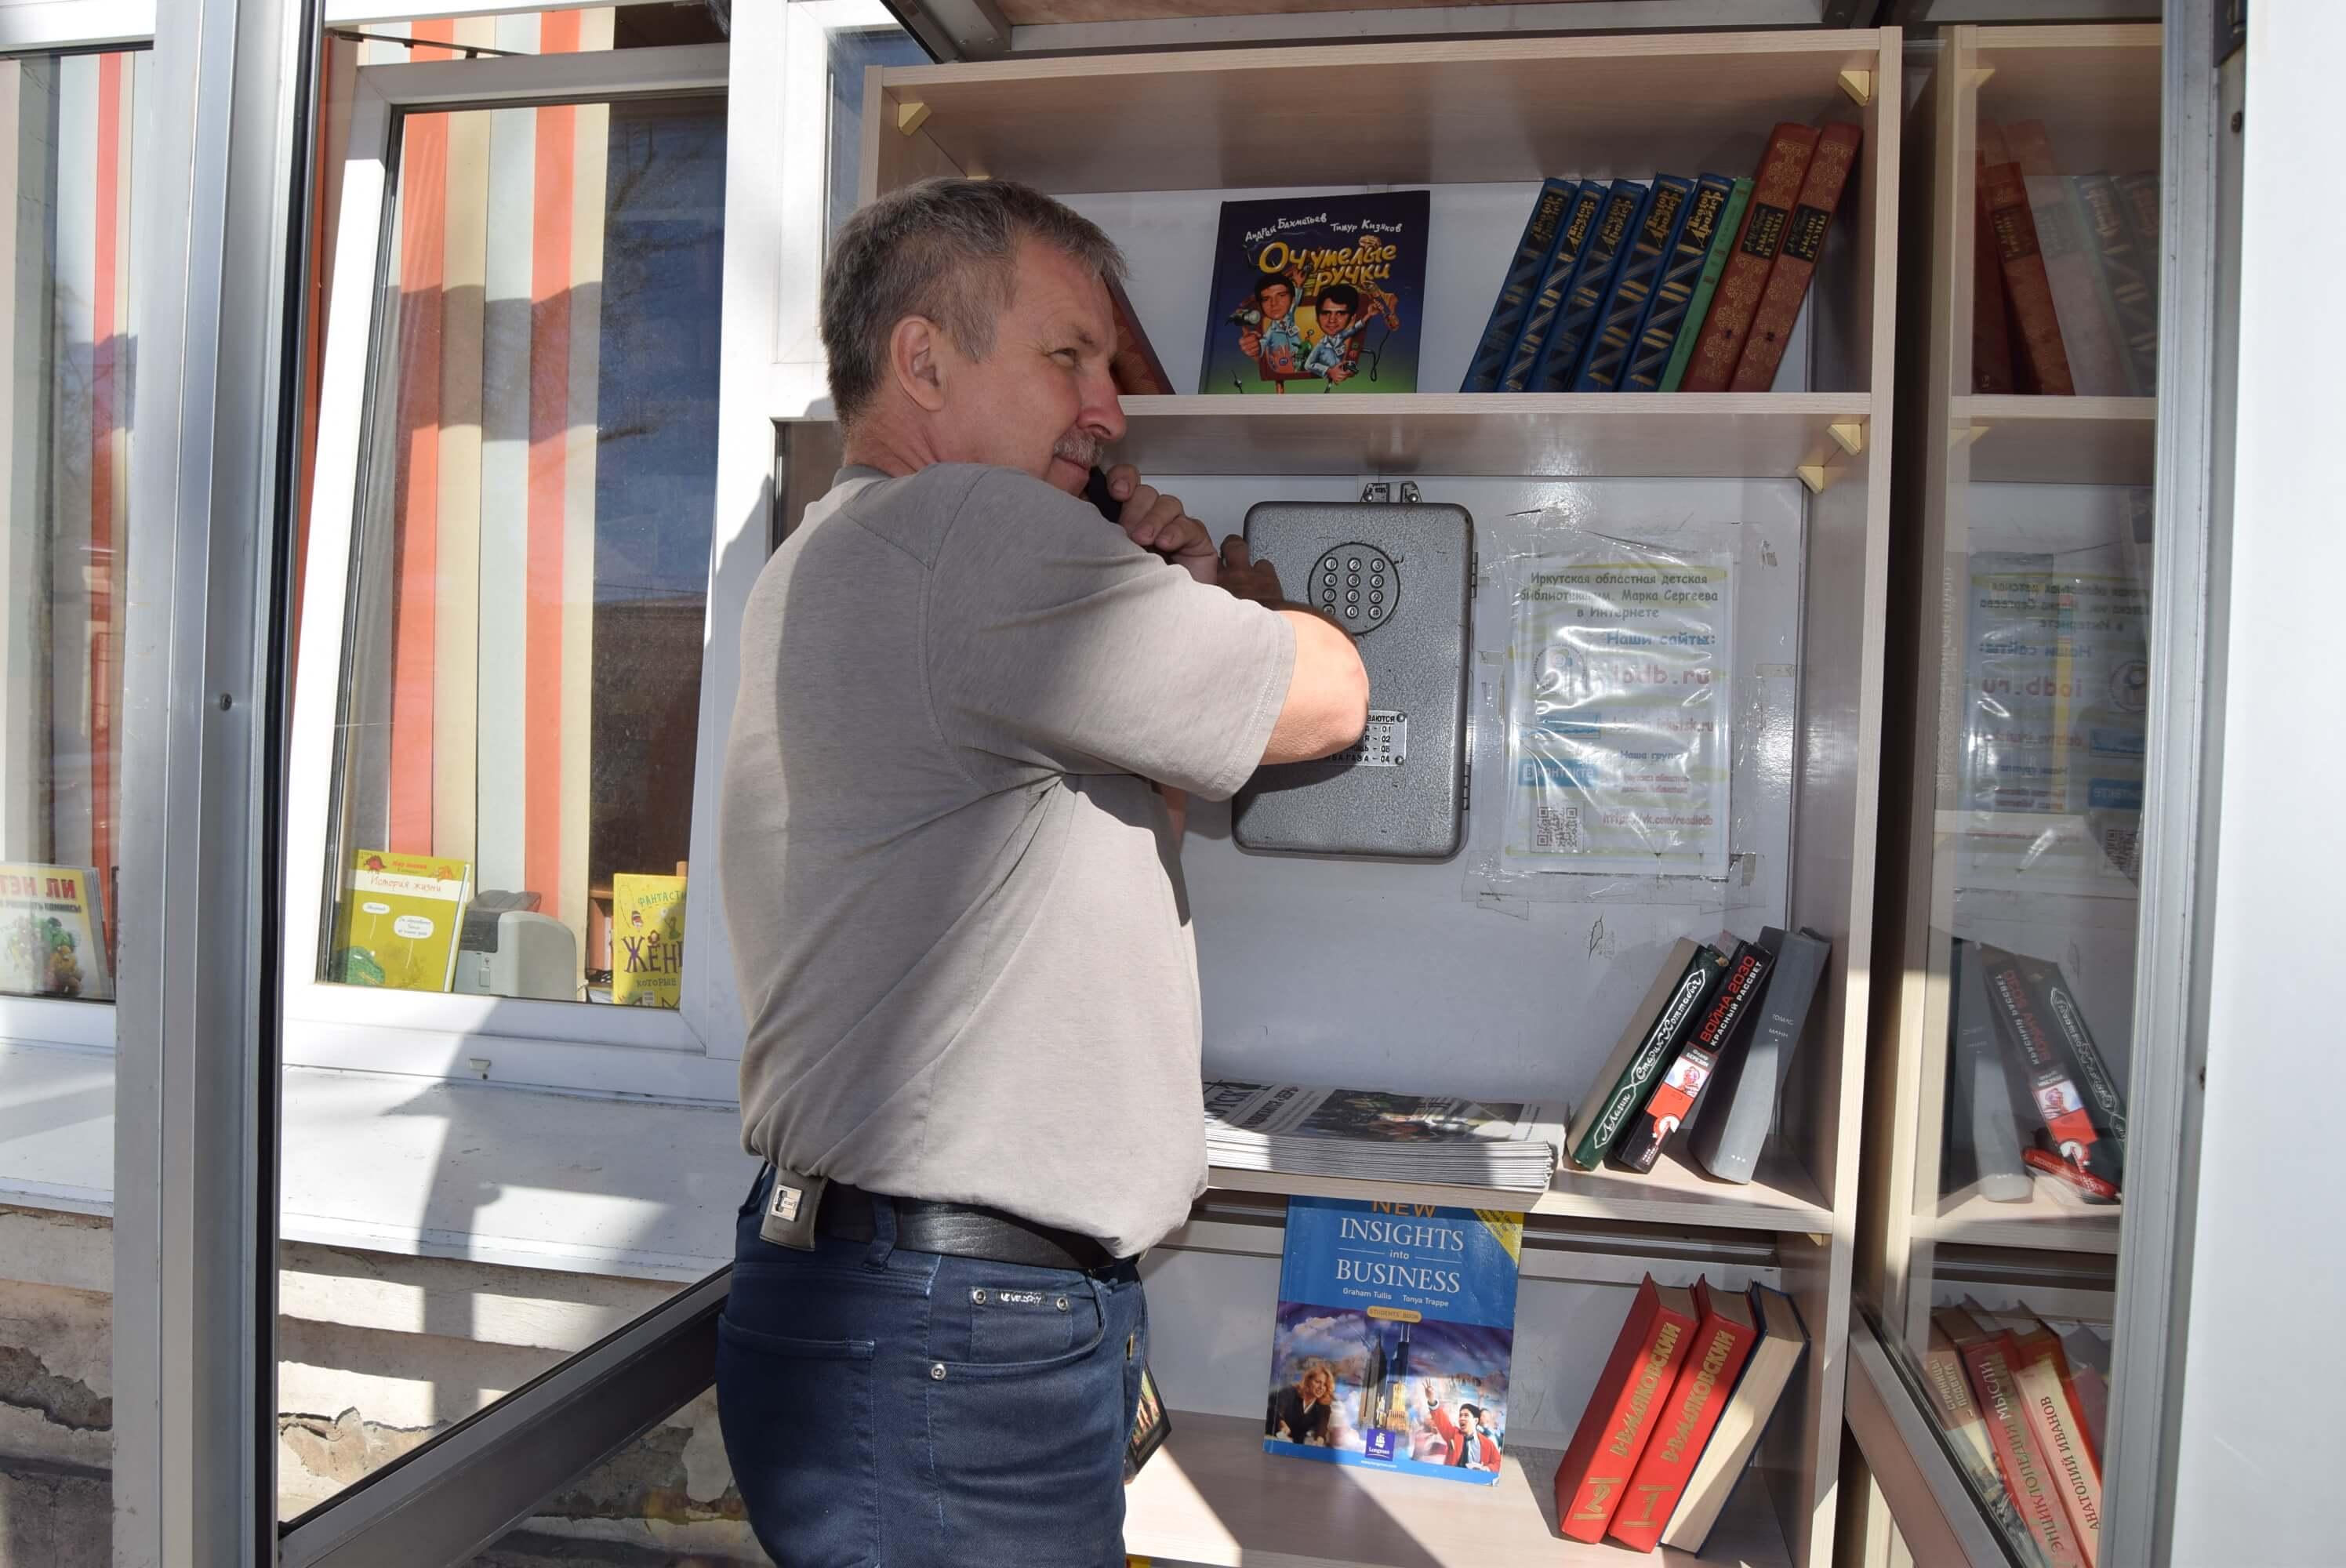 «Ростелеком» обновил «Свободную библиотеку» в Иркутске«Ростелеком» обновил «Свободную библиотеку» в Иркутске